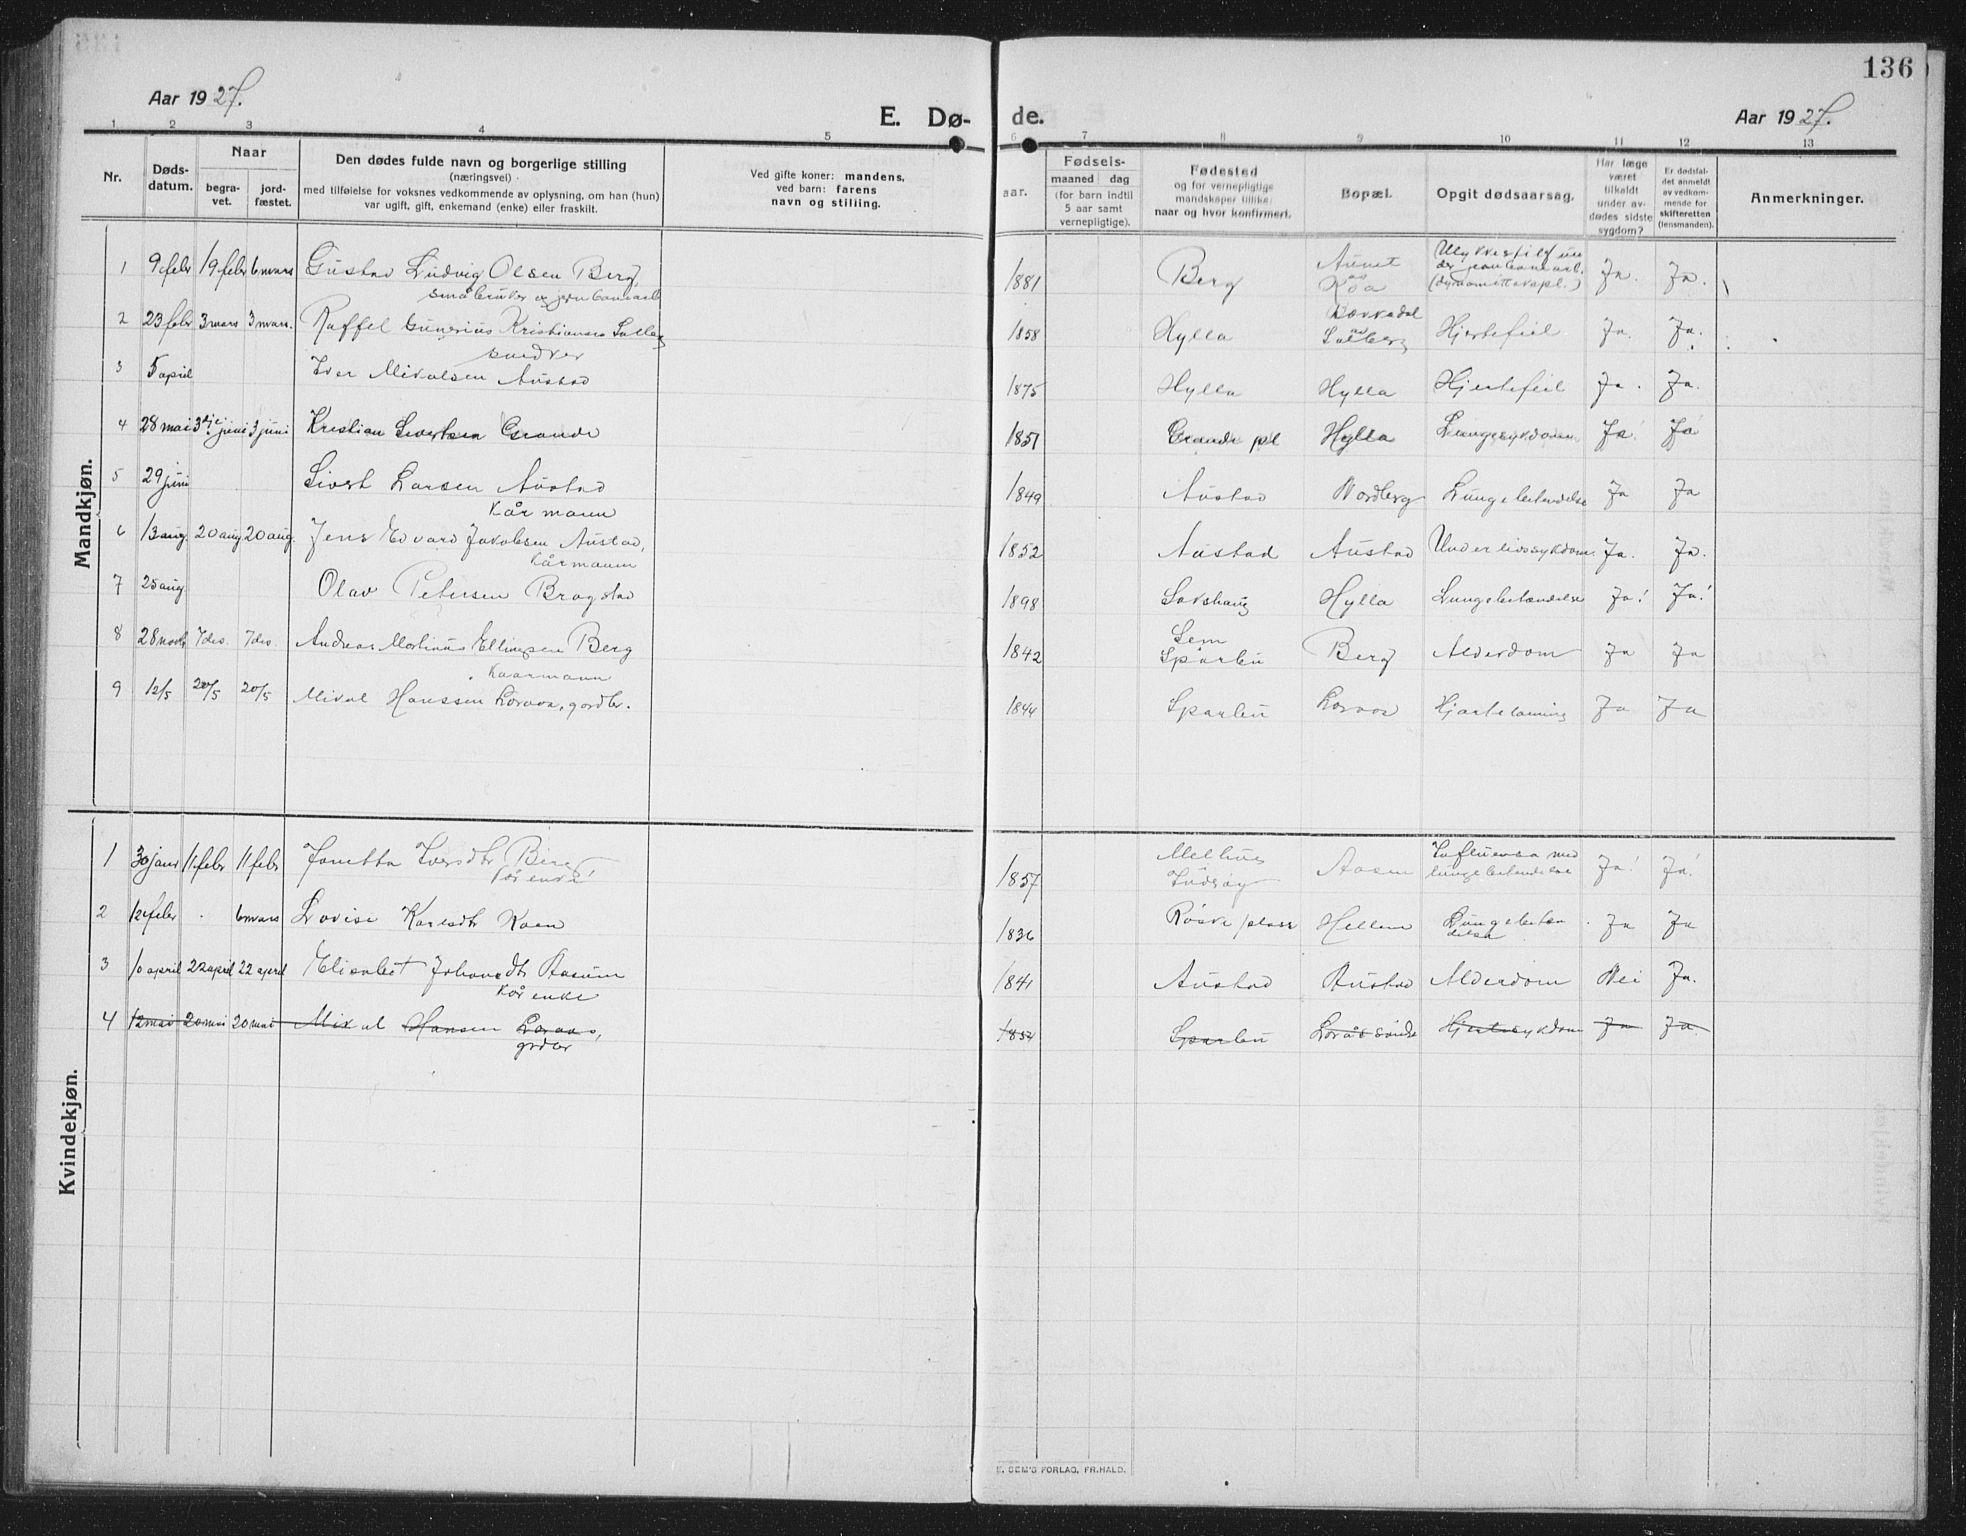 SAT, Ministerialprotokoller, klokkerbøker og fødselsregistre - Nord-Trøndelag, 731/L0312: Klokkerbok nr. 731C03, 1911-1935, s. 136